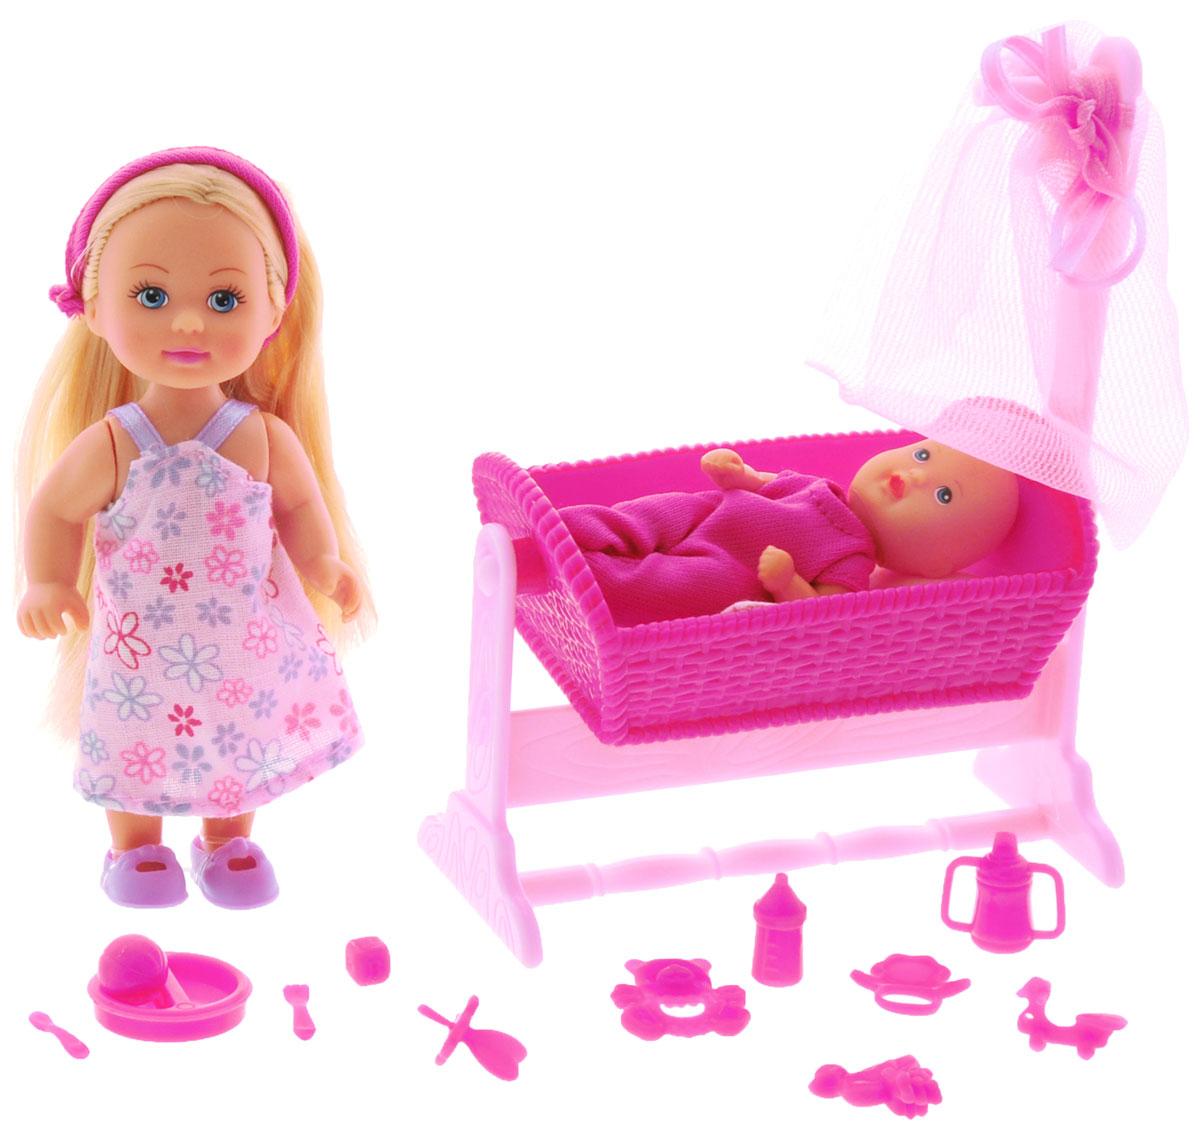 Simba Игровой набор Doll Cradle цвет темно-розовый simba игровой набор домик медведя